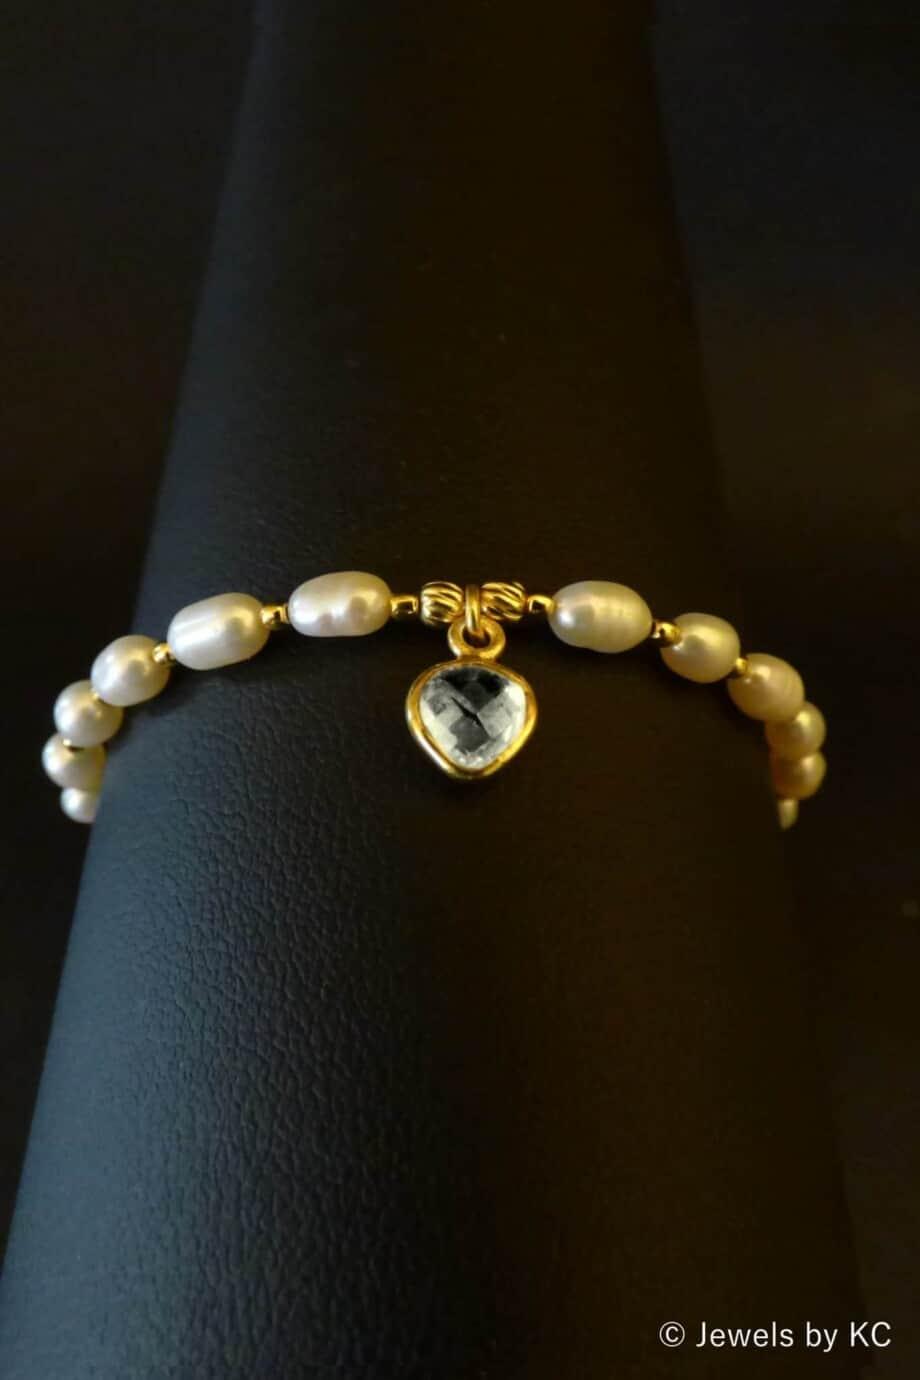 Gouden armband Zoetwater parel met Kristal edelsteen van Goud op Zilver